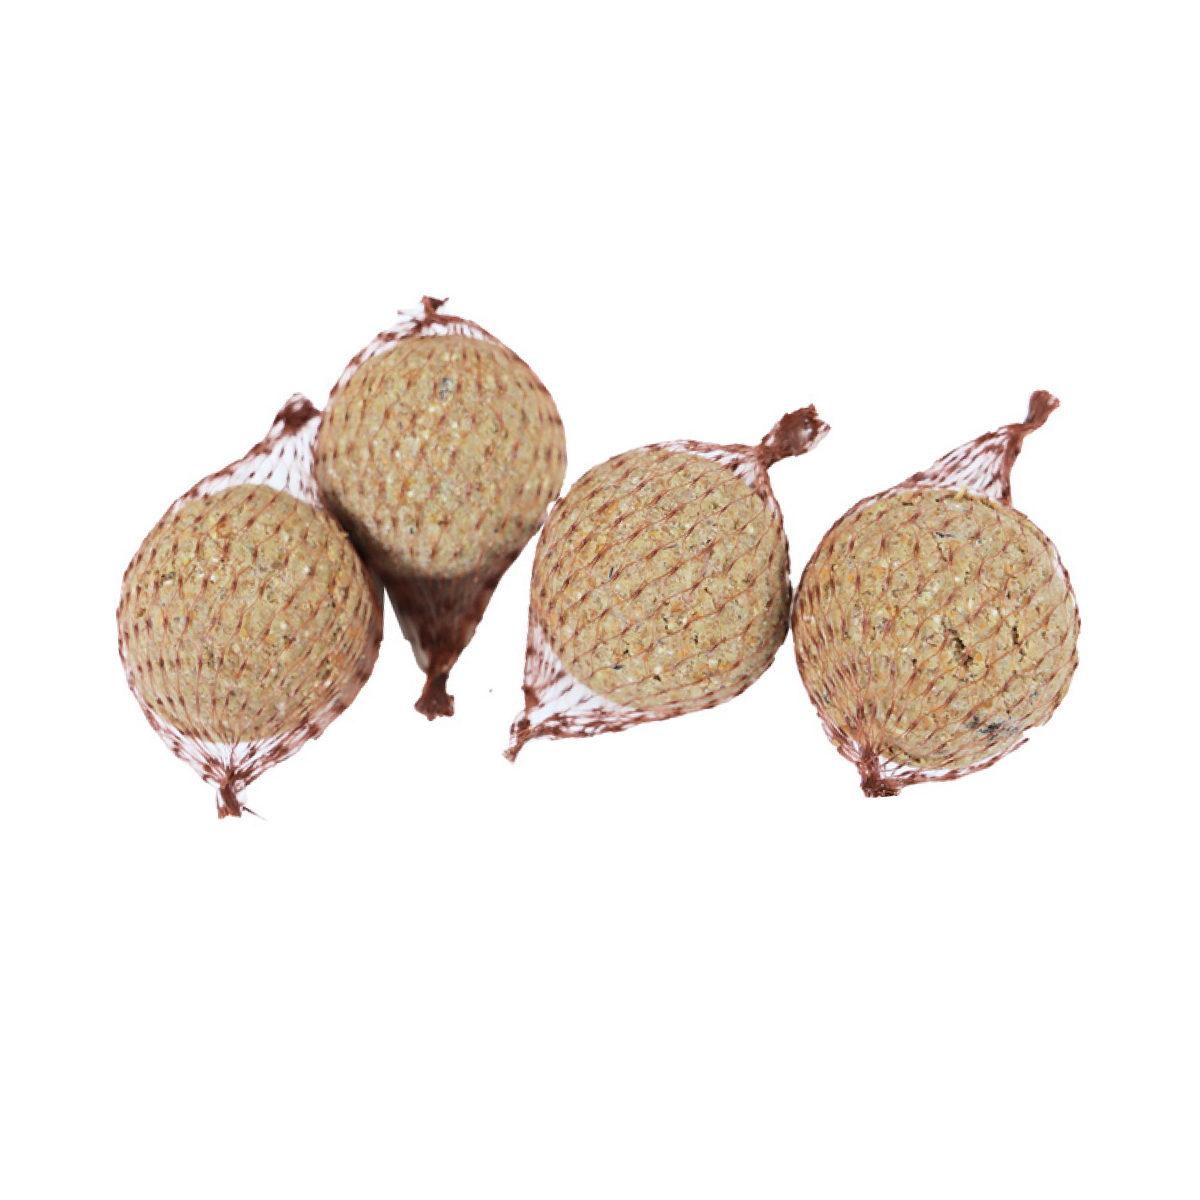 4-Seizoenen Pindakaasbollen